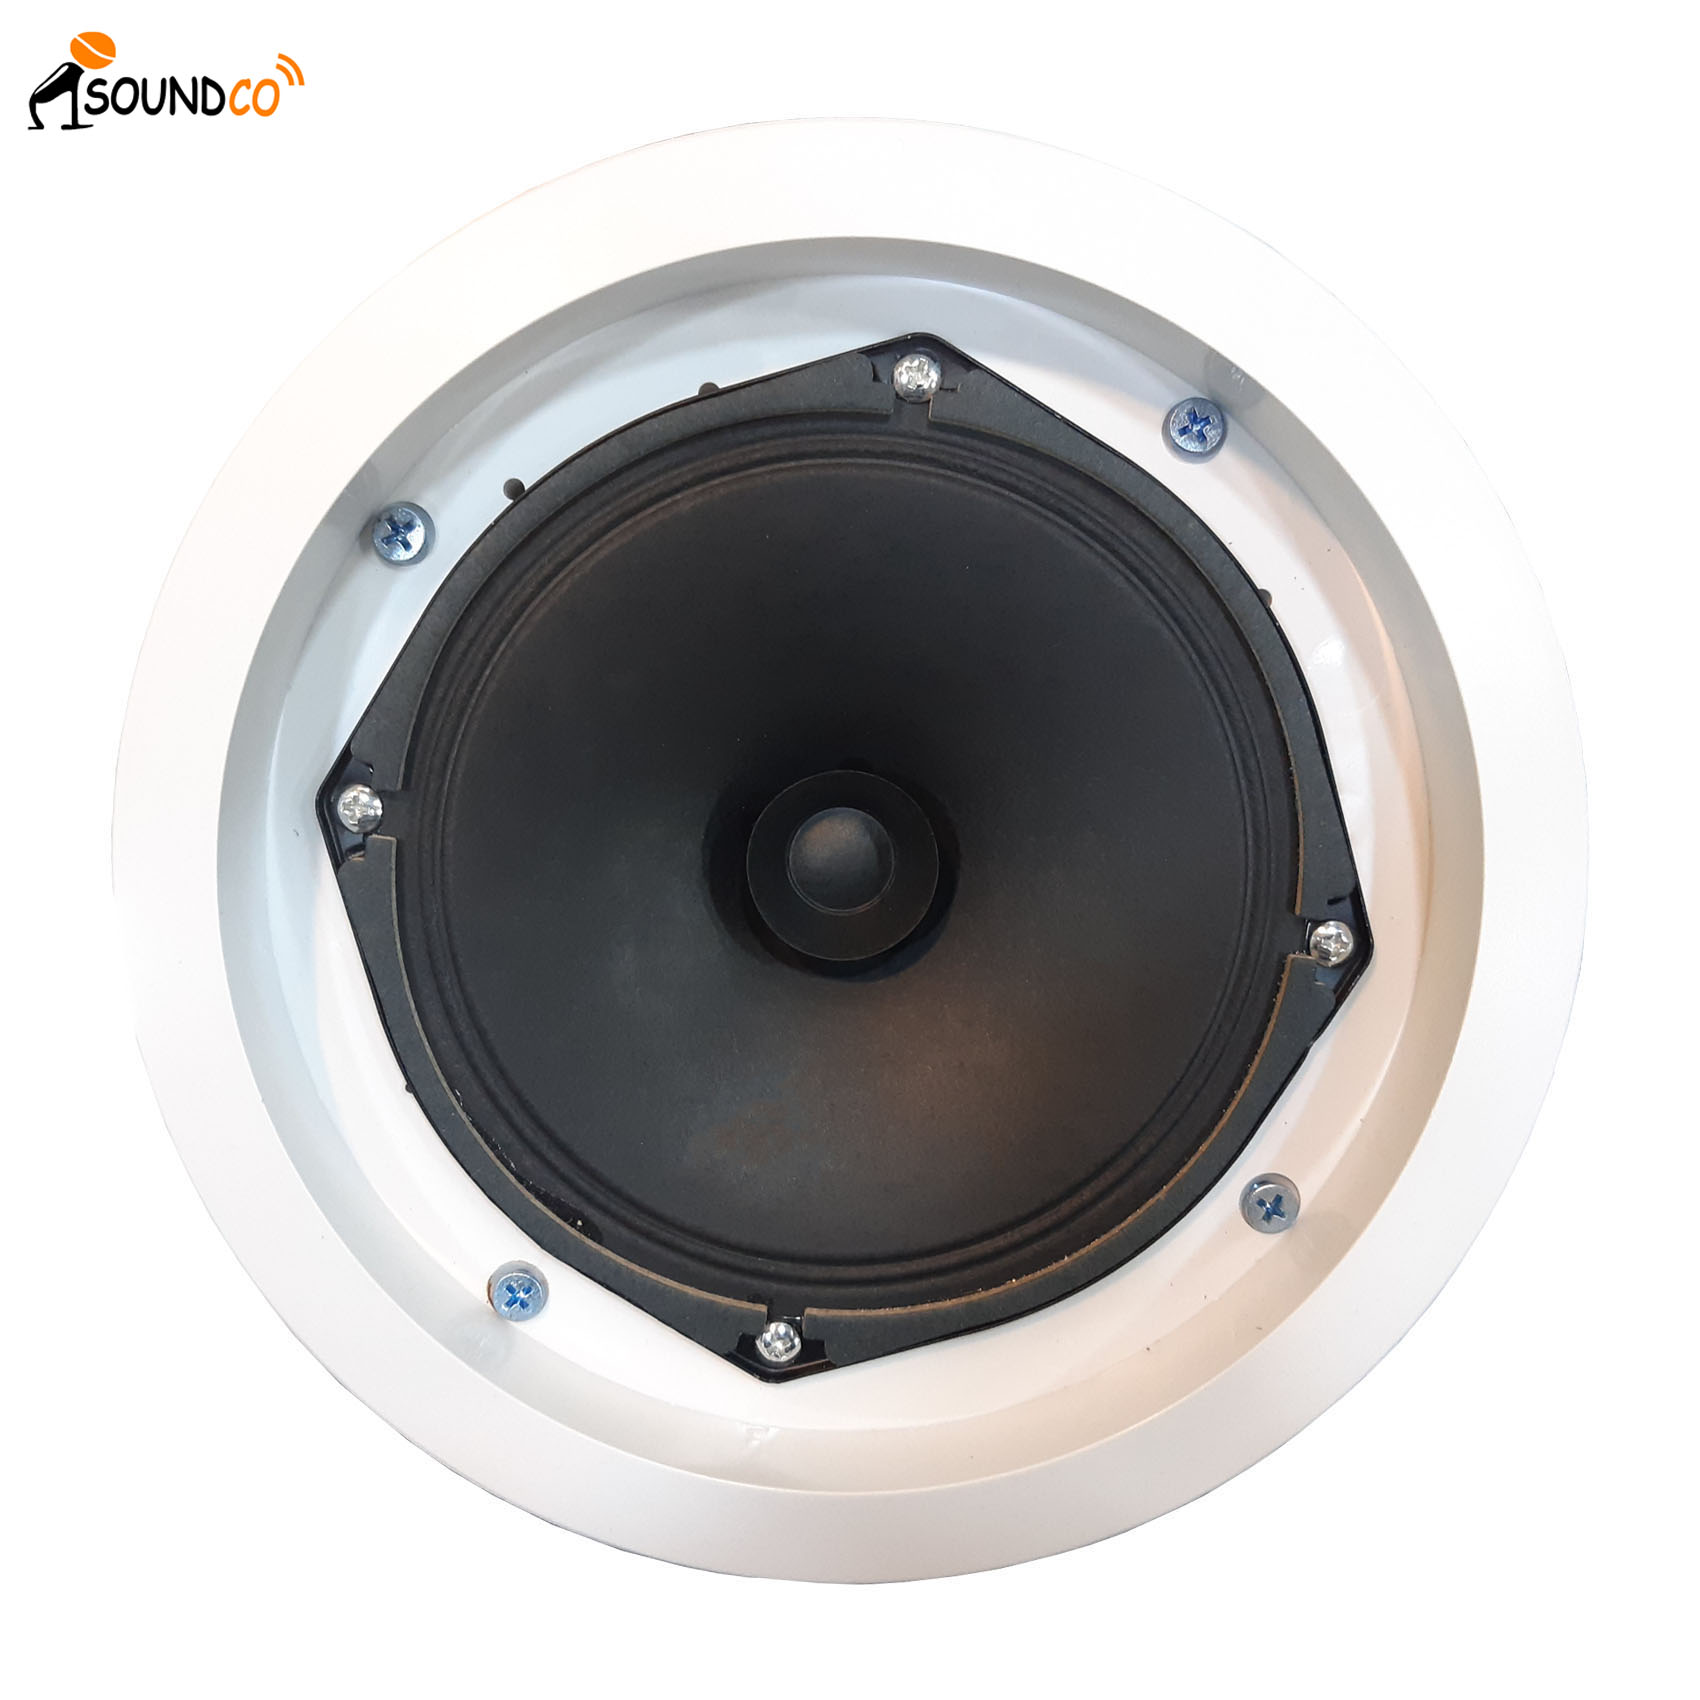 Soundco FC-206 Celing Speaker-2